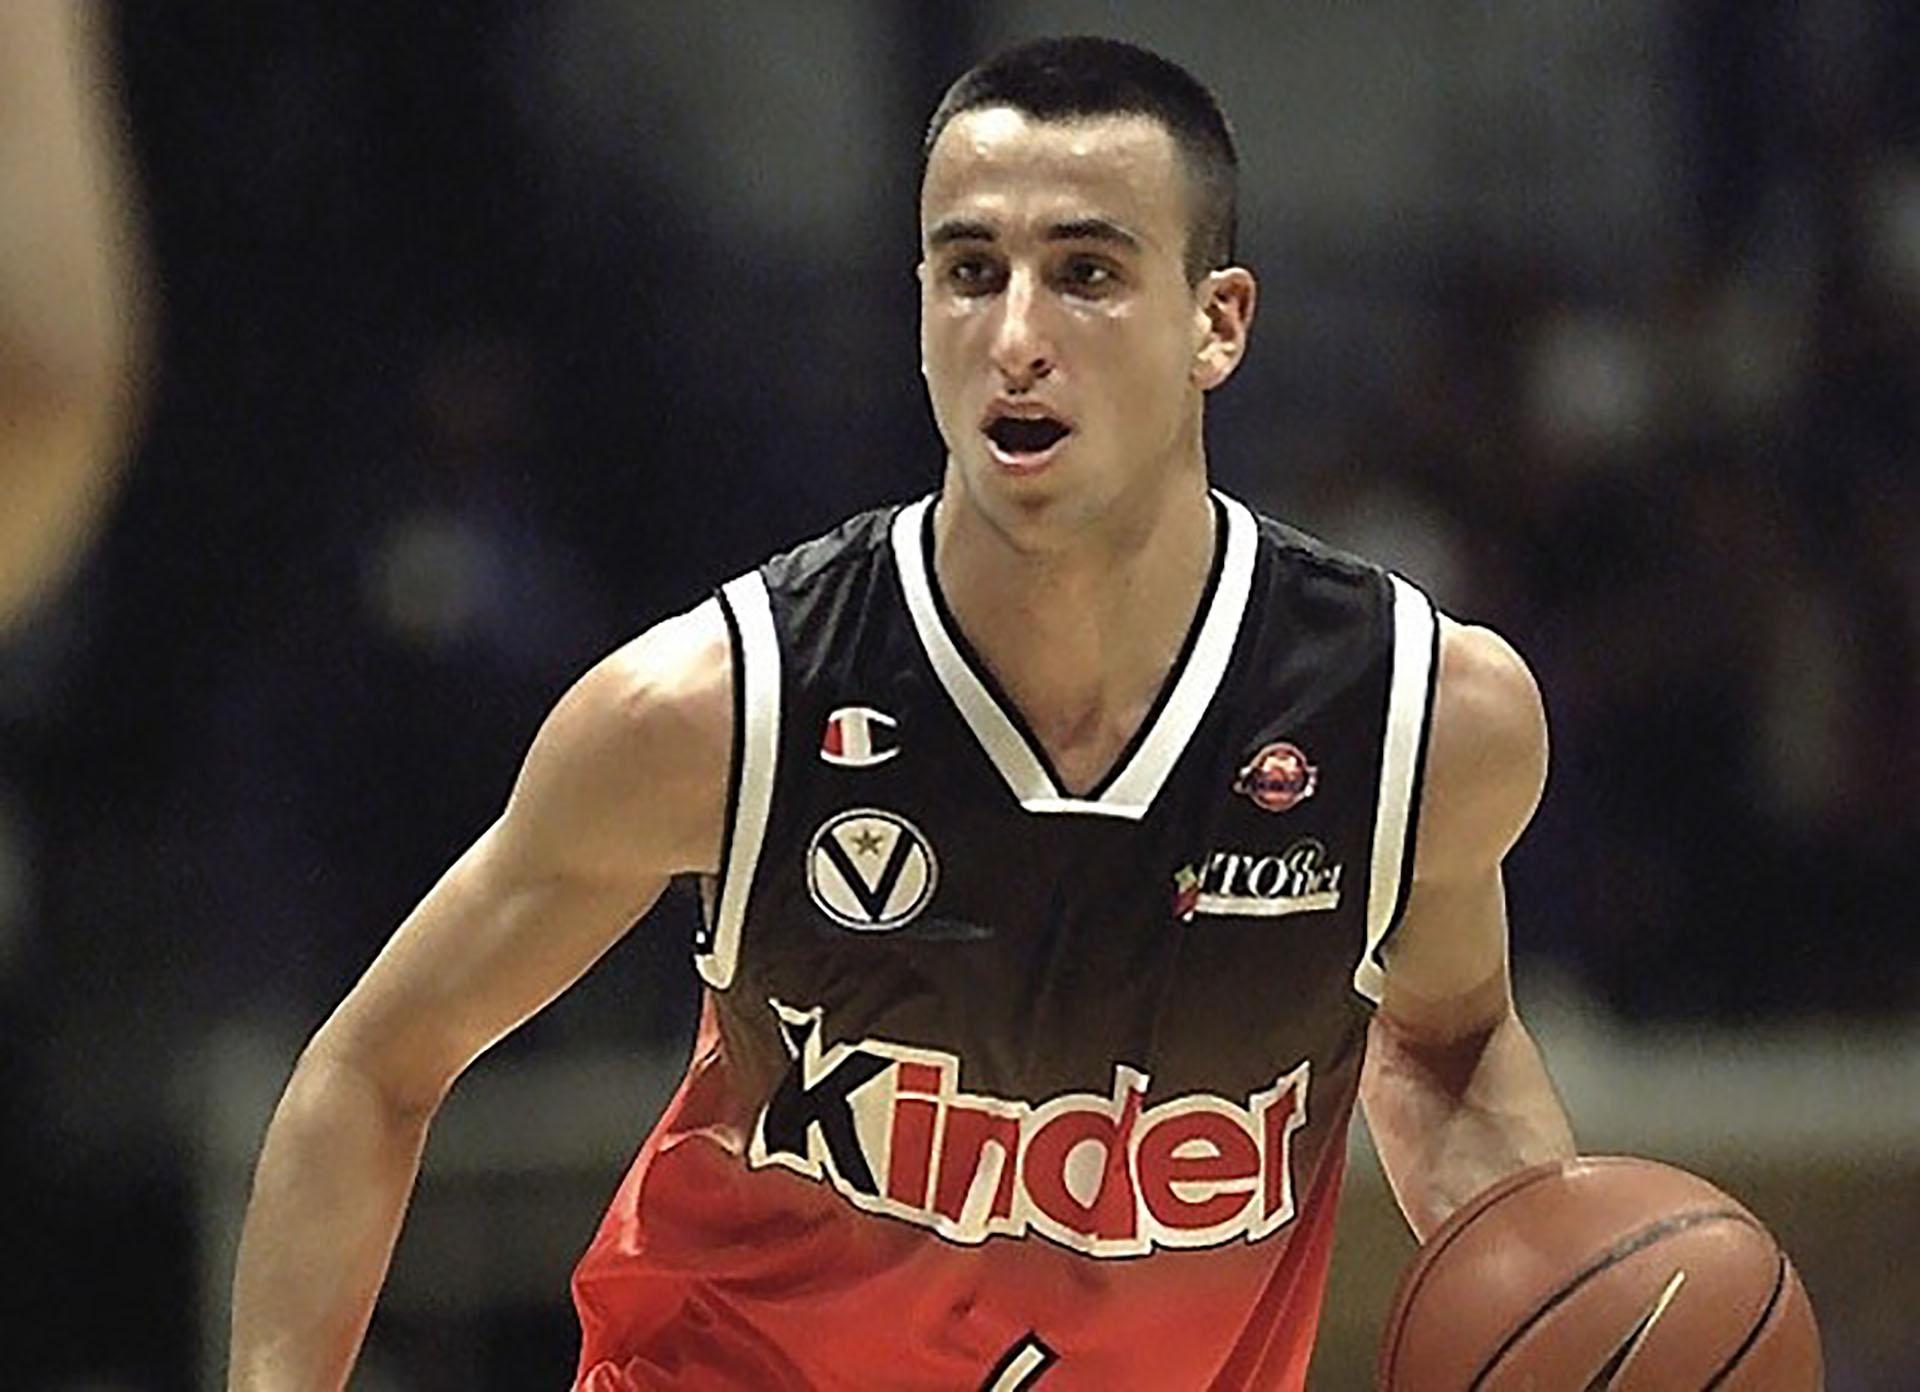 En el Kinder Bolonia de Italia en 1999, de allí pasaría a los Spurs en 2001